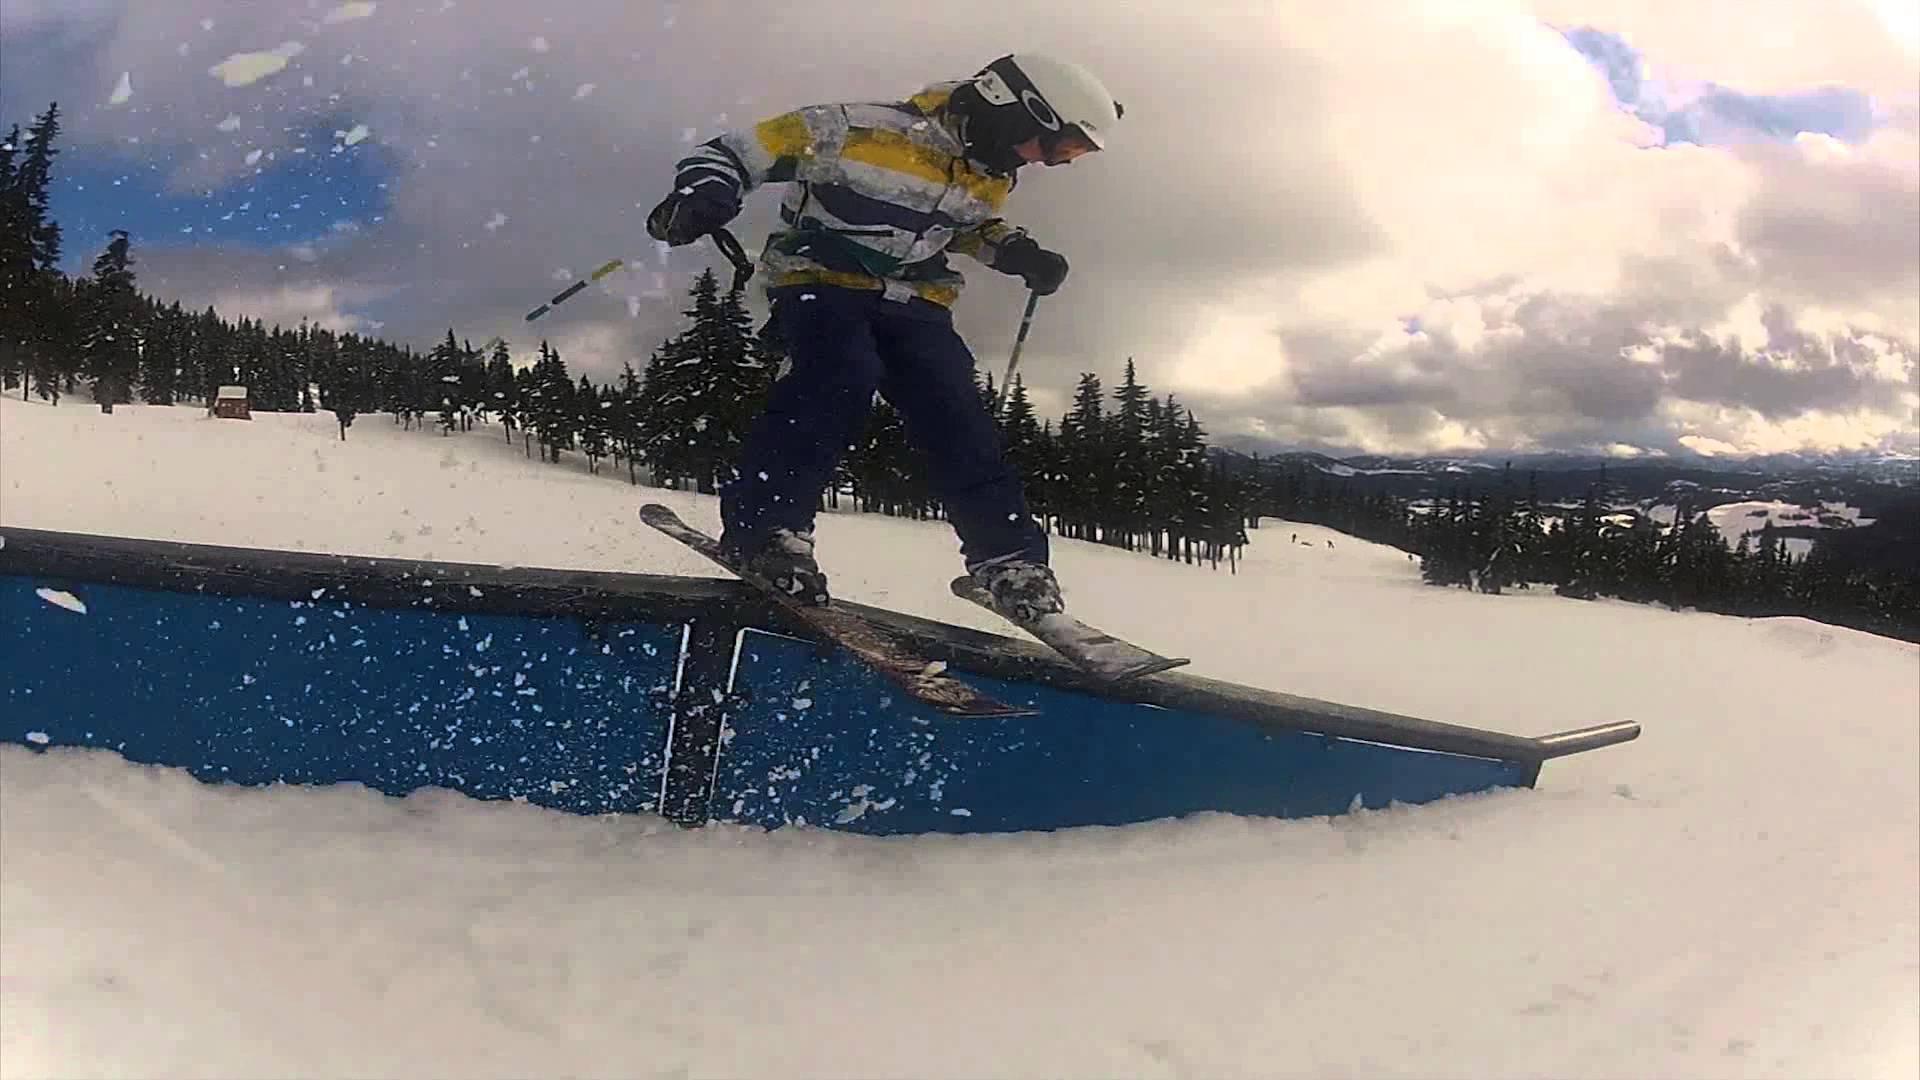 Basic Freestyle Skiing Tricks 2 - YouTube